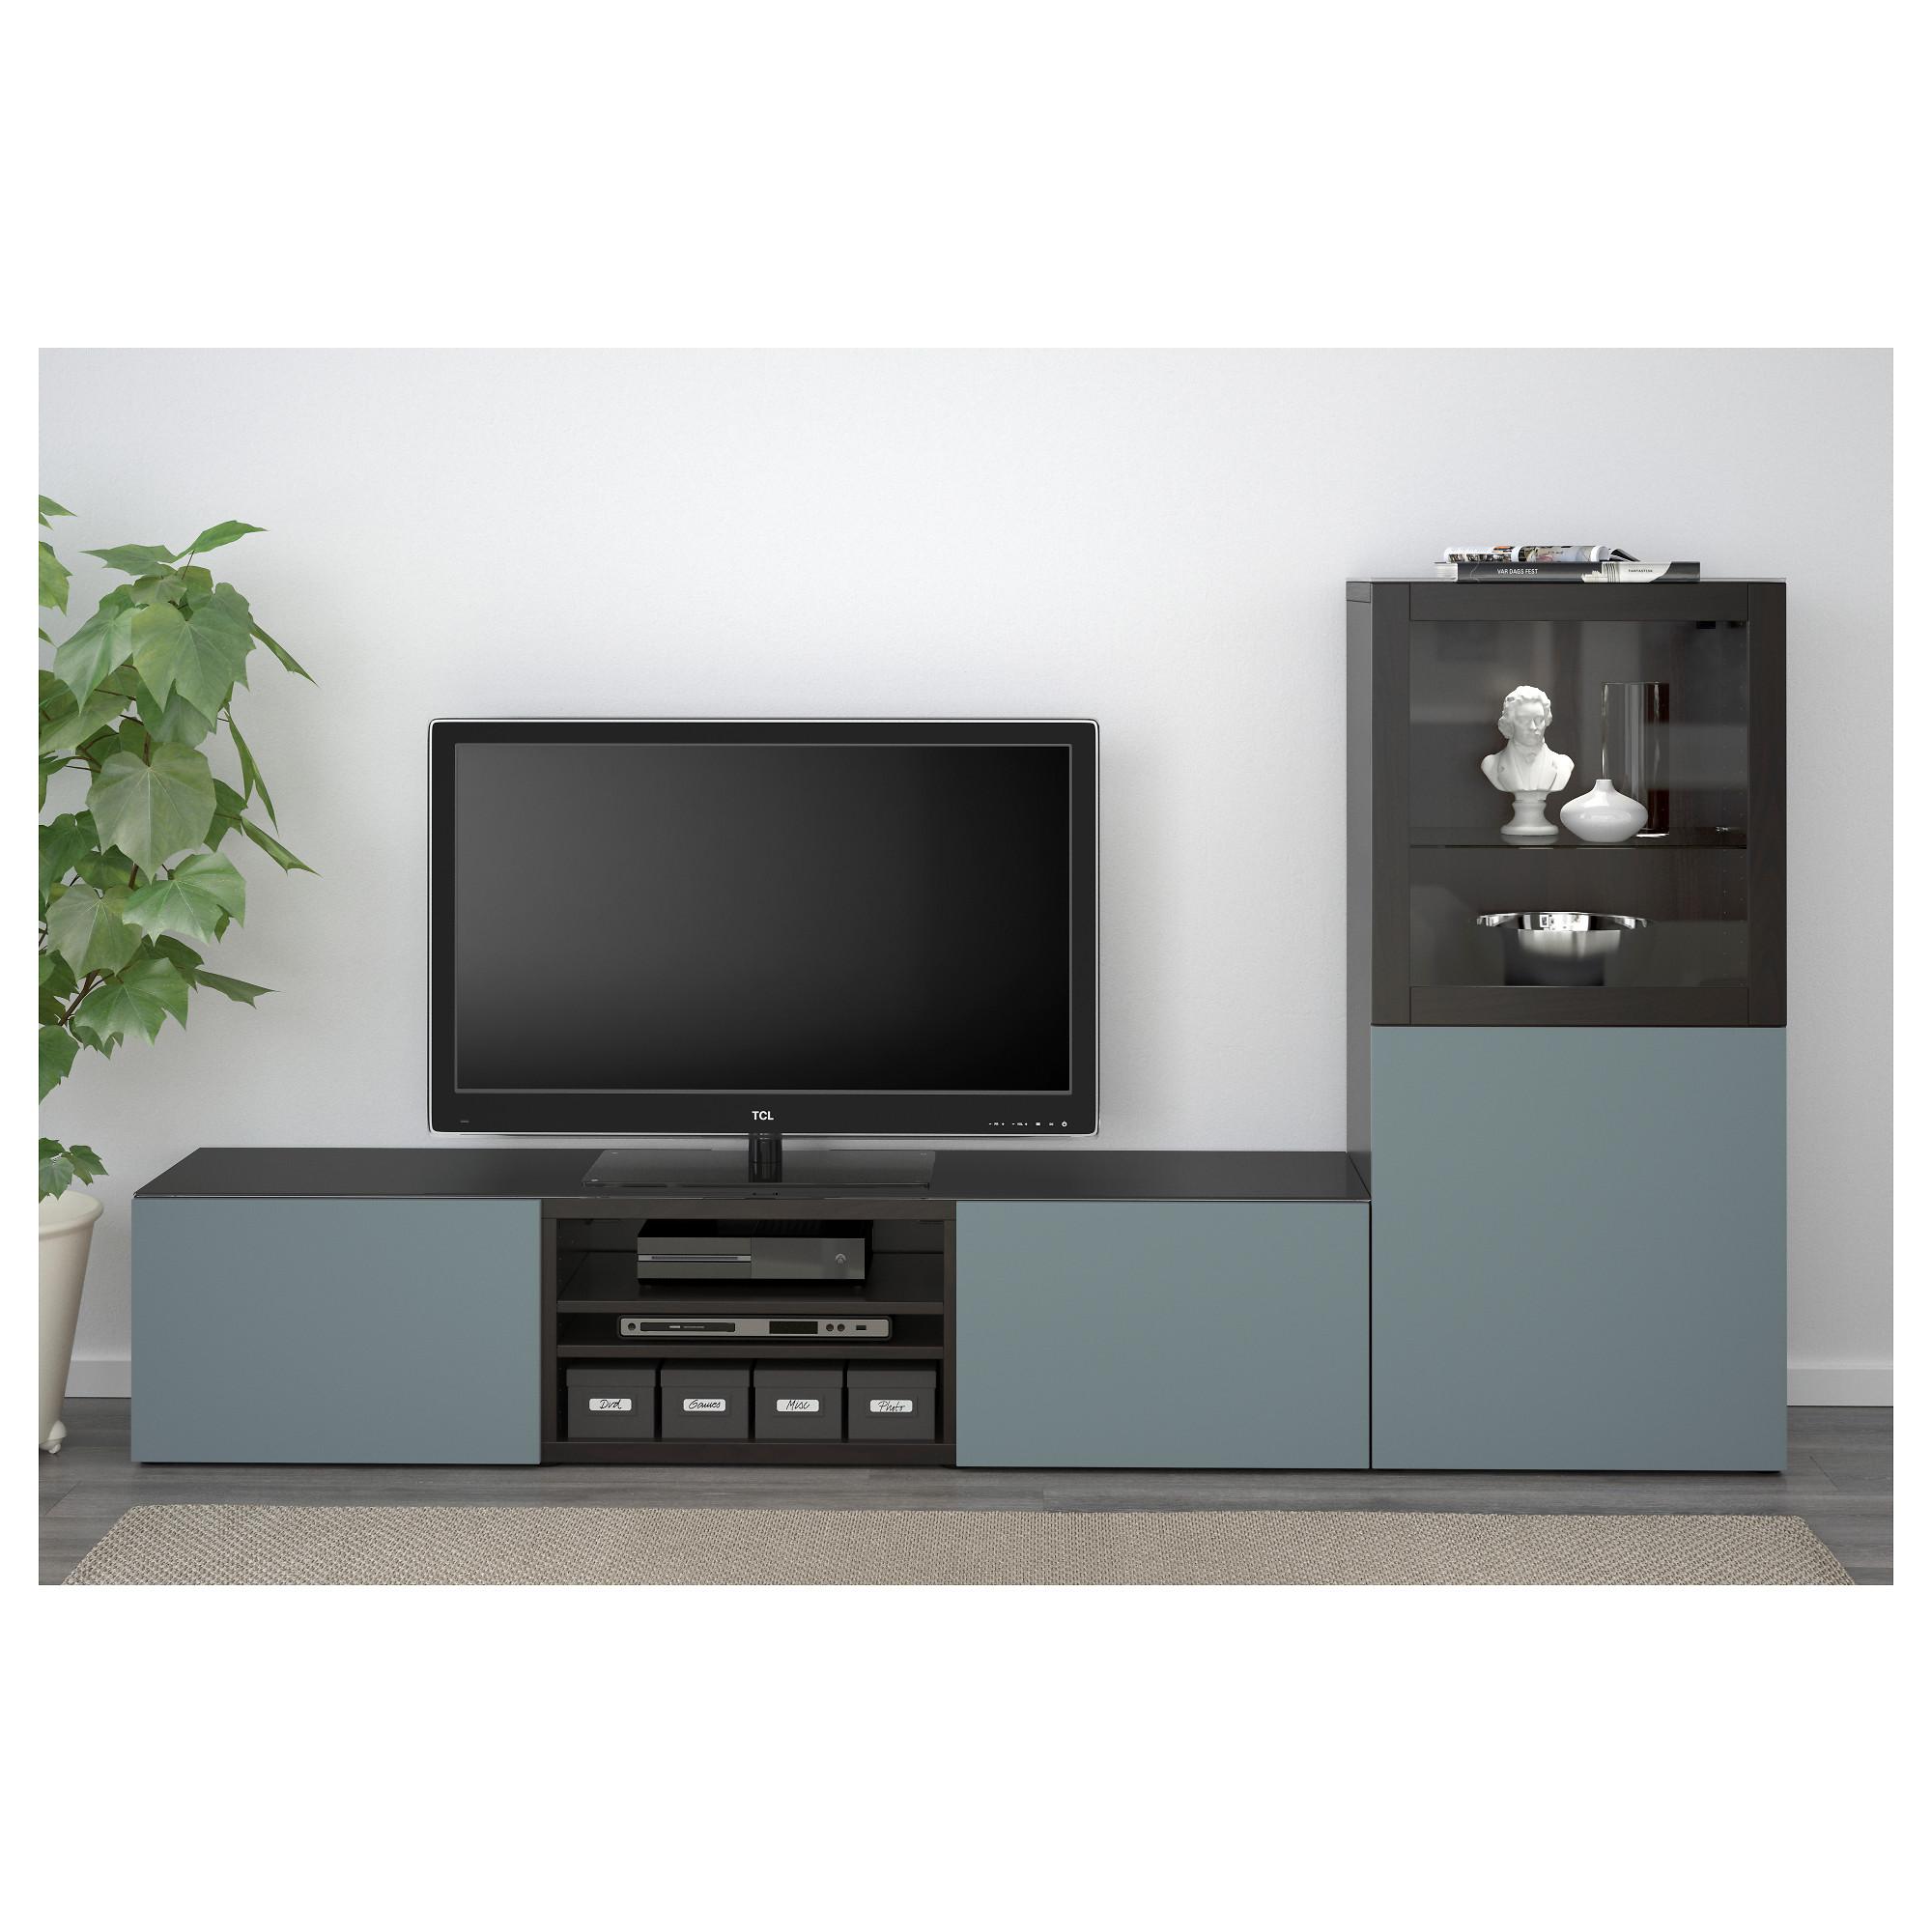 Шкаф для ТВ, комбинированный, стекляные дверцы БЕСТО артикуль № 792.453.06 в наличии. Онлайн магазин IKEA РБ. Недорогая доставка и соборка.